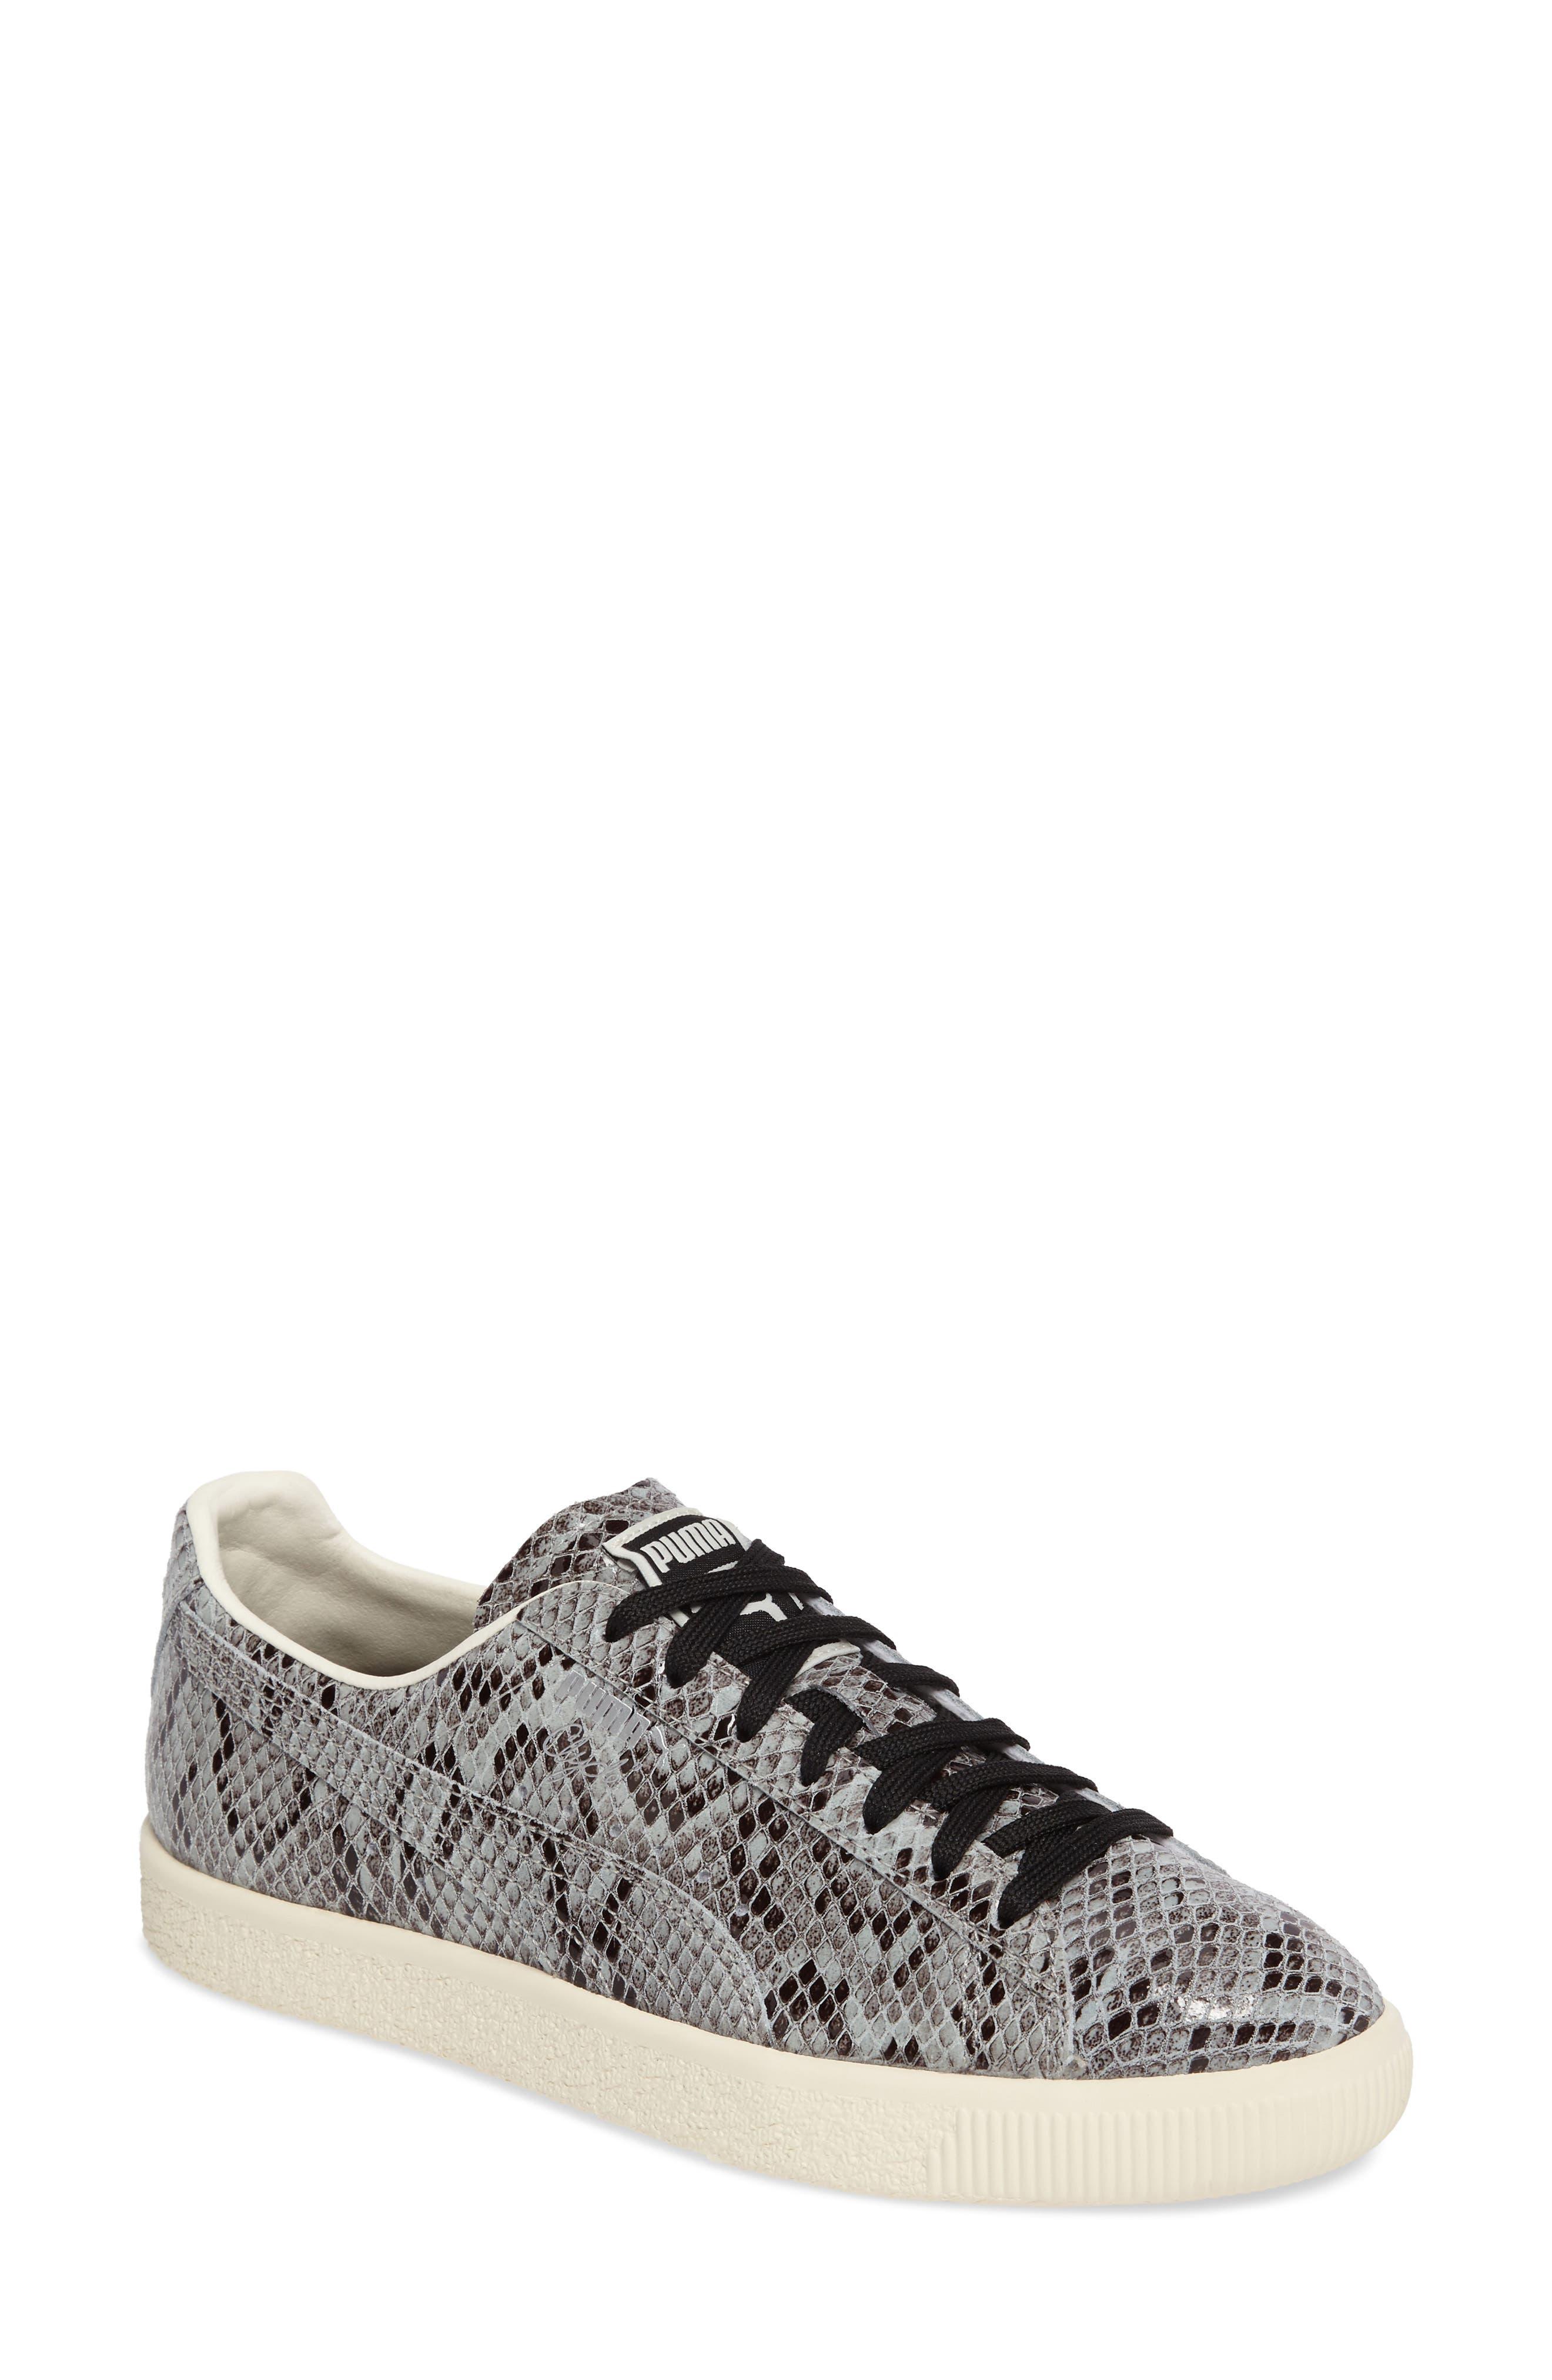 PUMA Clyde Sneaker (Women)